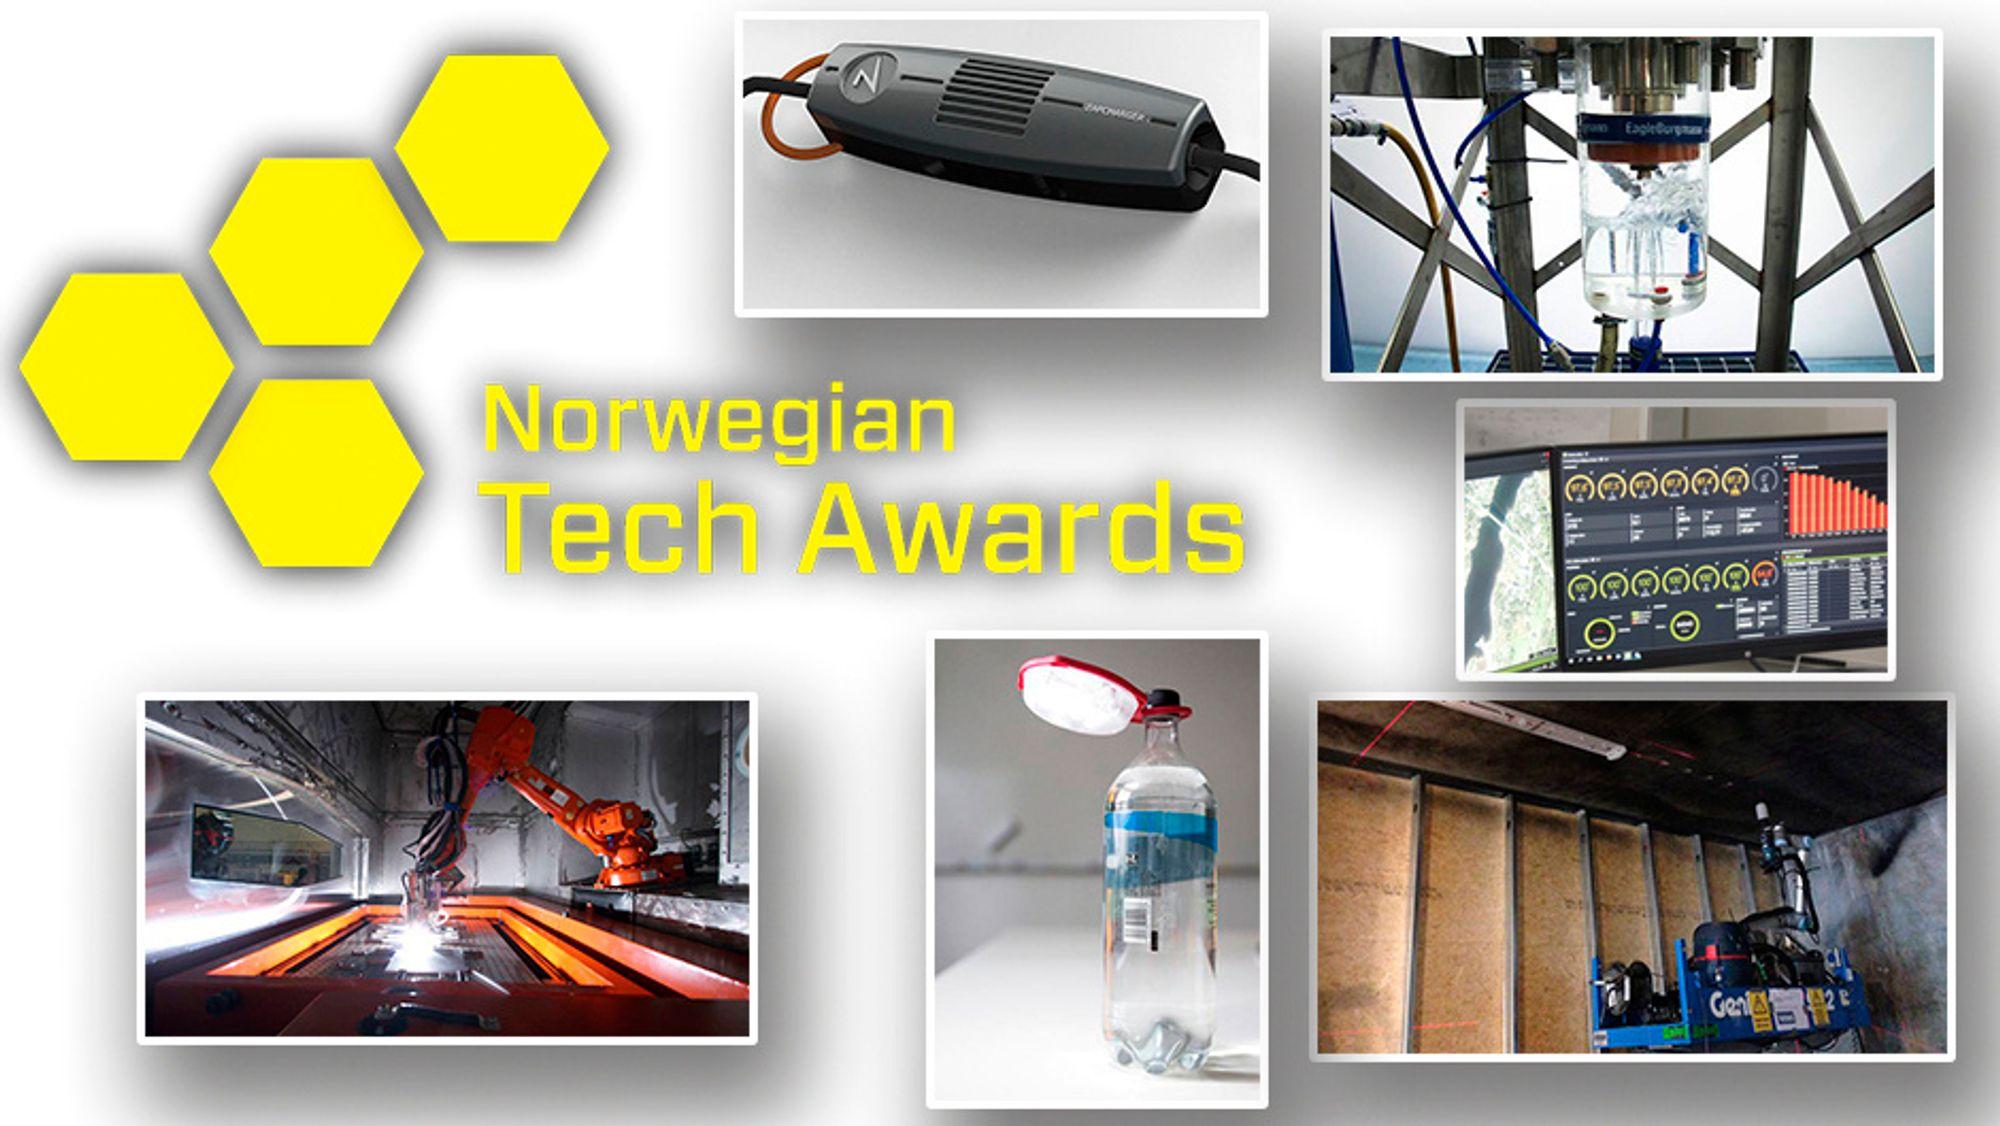 Nå kan du stemme: Hvem fortjener Norwegian Tech Award 2015? Gi din stemme nederst i saken.